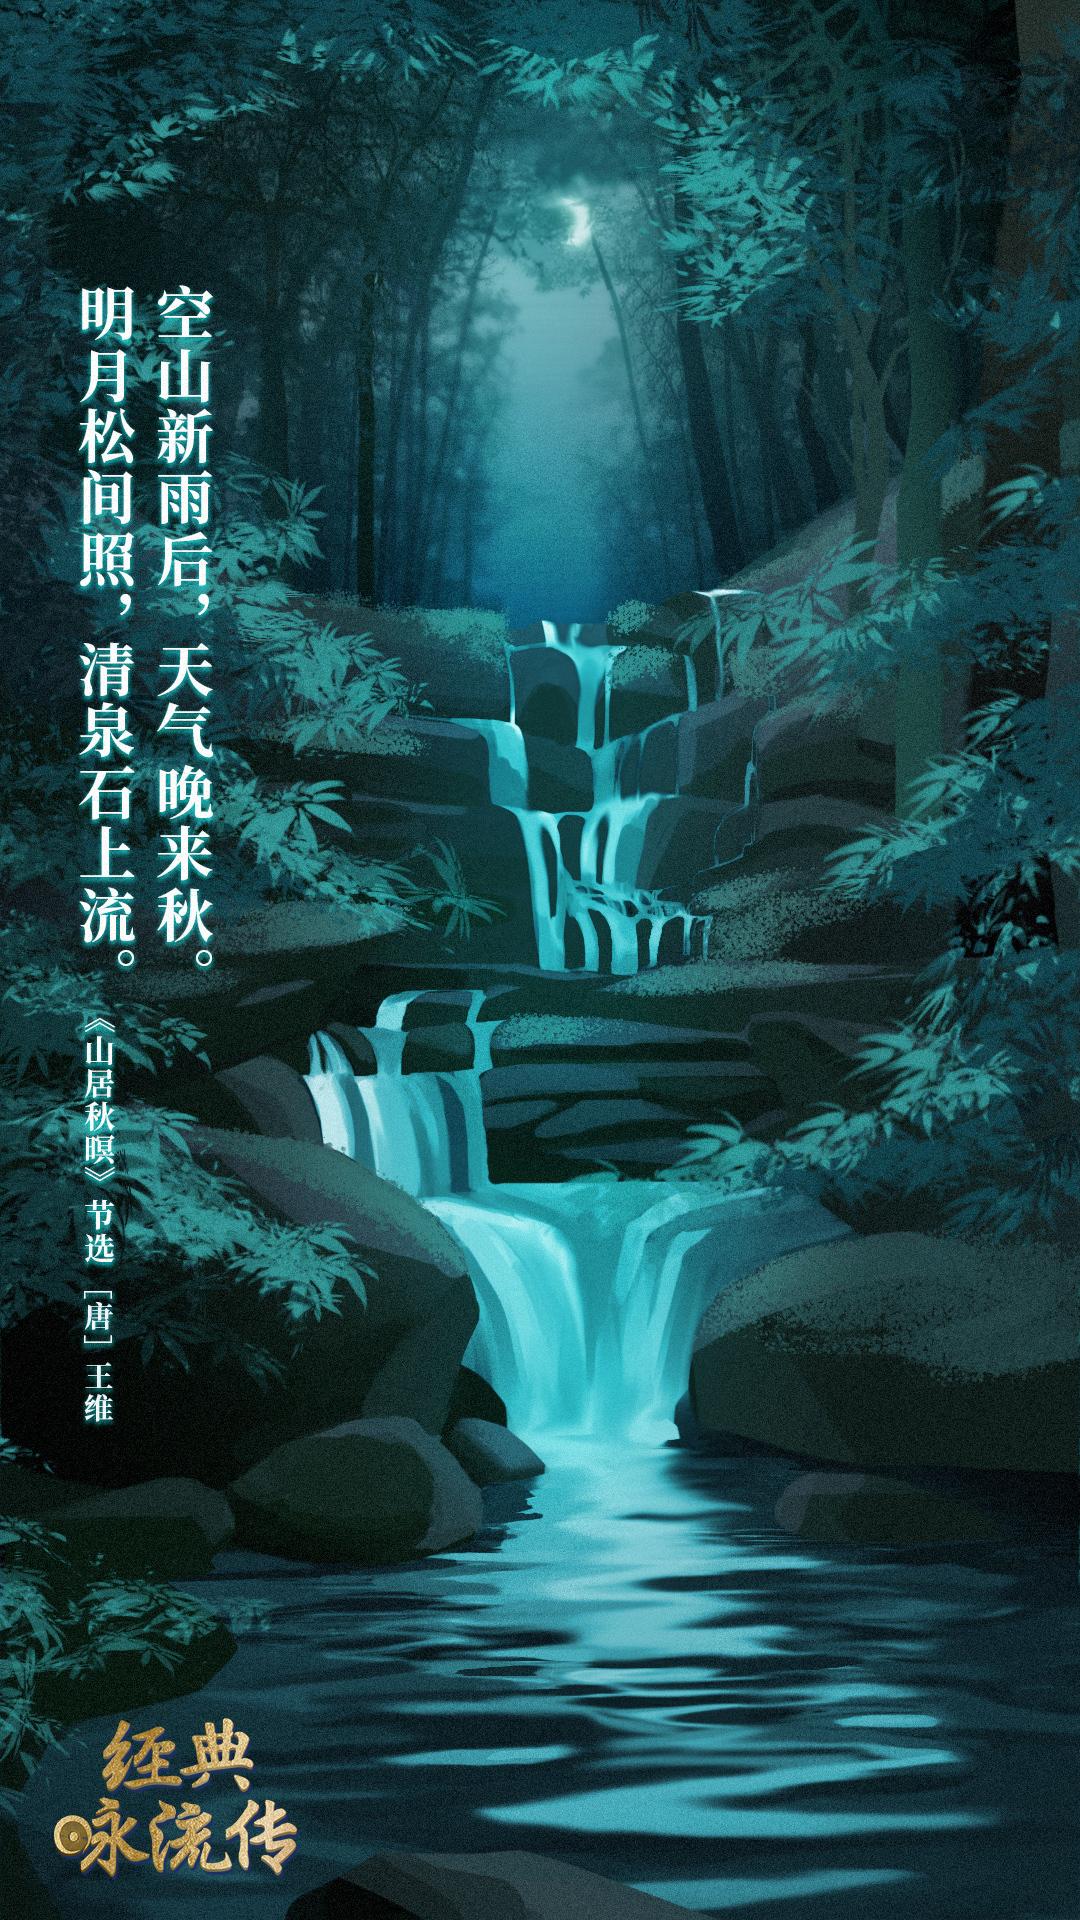 《经典咏流传》诗词意境海报合集 欣赏-第41张